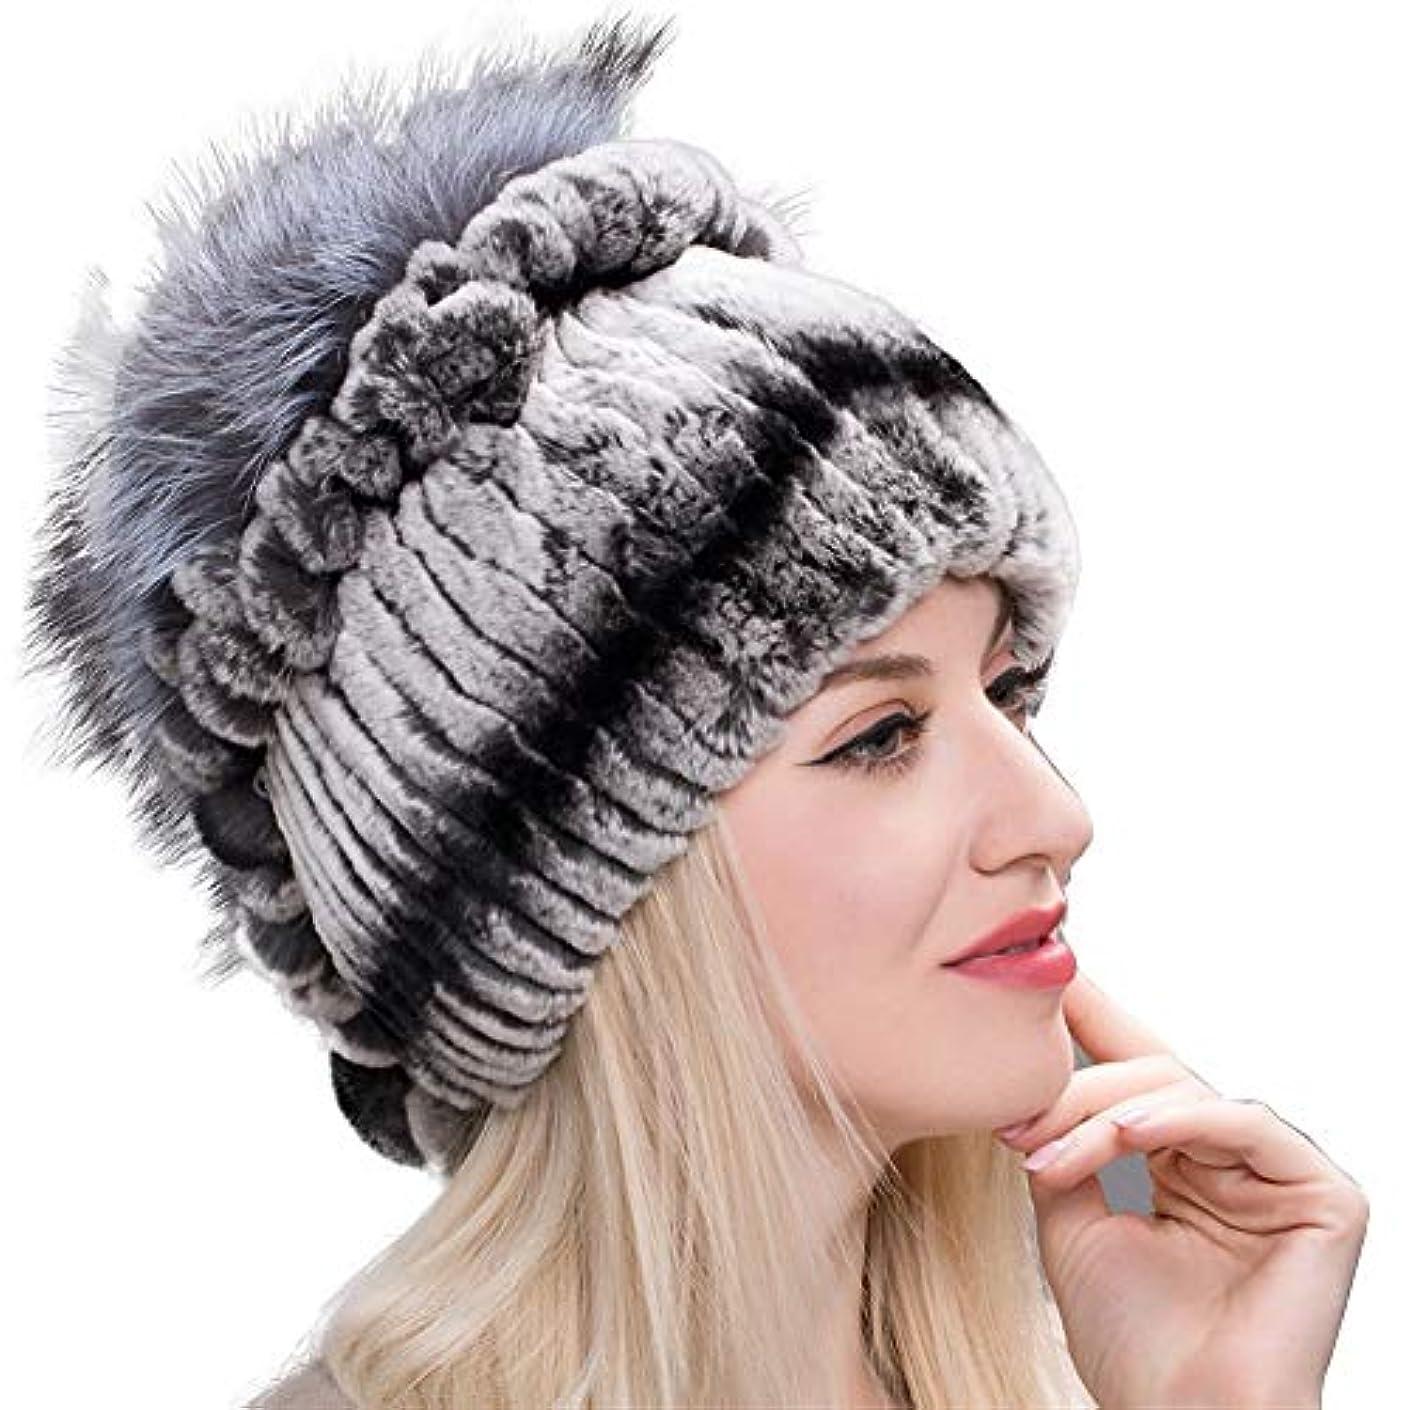 フリッパー警察署前述のACAO さんの秋と冬レッキスの毛皮の帽子ニットウールキャップ耳のファッションの女性の野生の花のキツネの毛皮の帽子は包頭に暖かく保つために (色 : Cyan blue, Size : M)